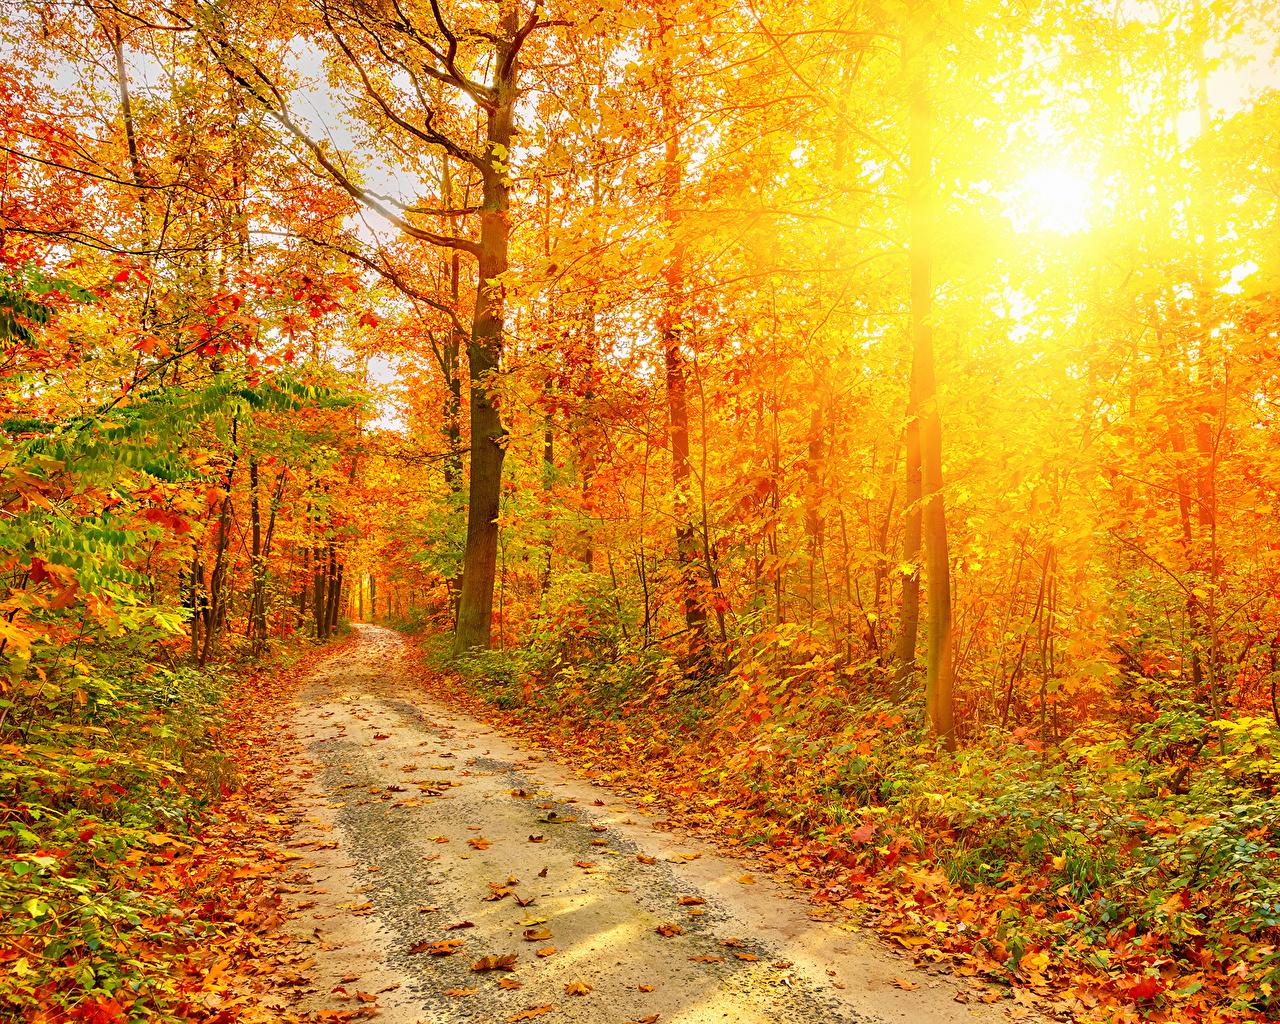 壁紙 秋 道 森林 木 光線 木の葉 自然 ダウンロード 写真